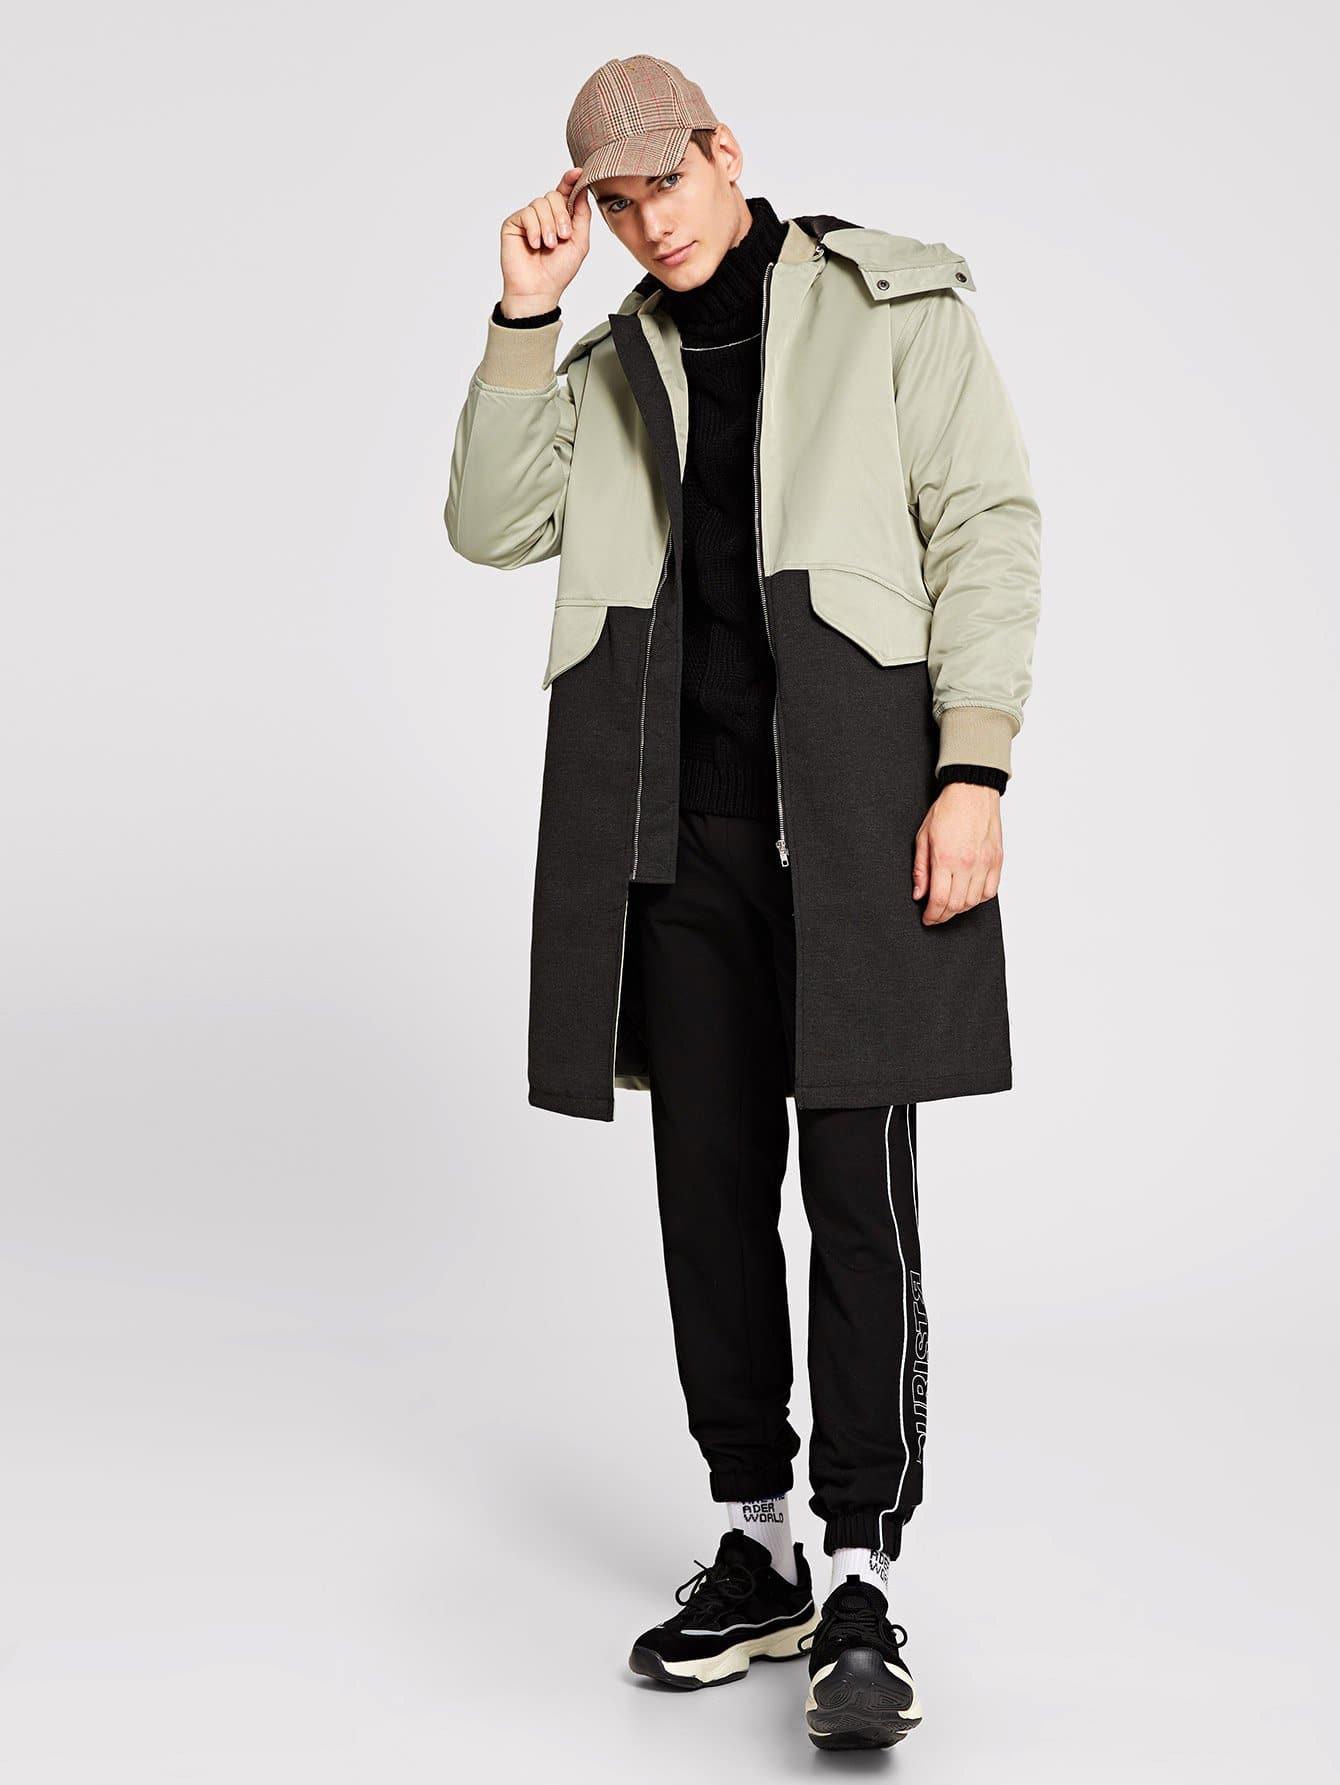 Купить Контрастное пальто с застёжкой молния для мужчины, Misha, SheIn